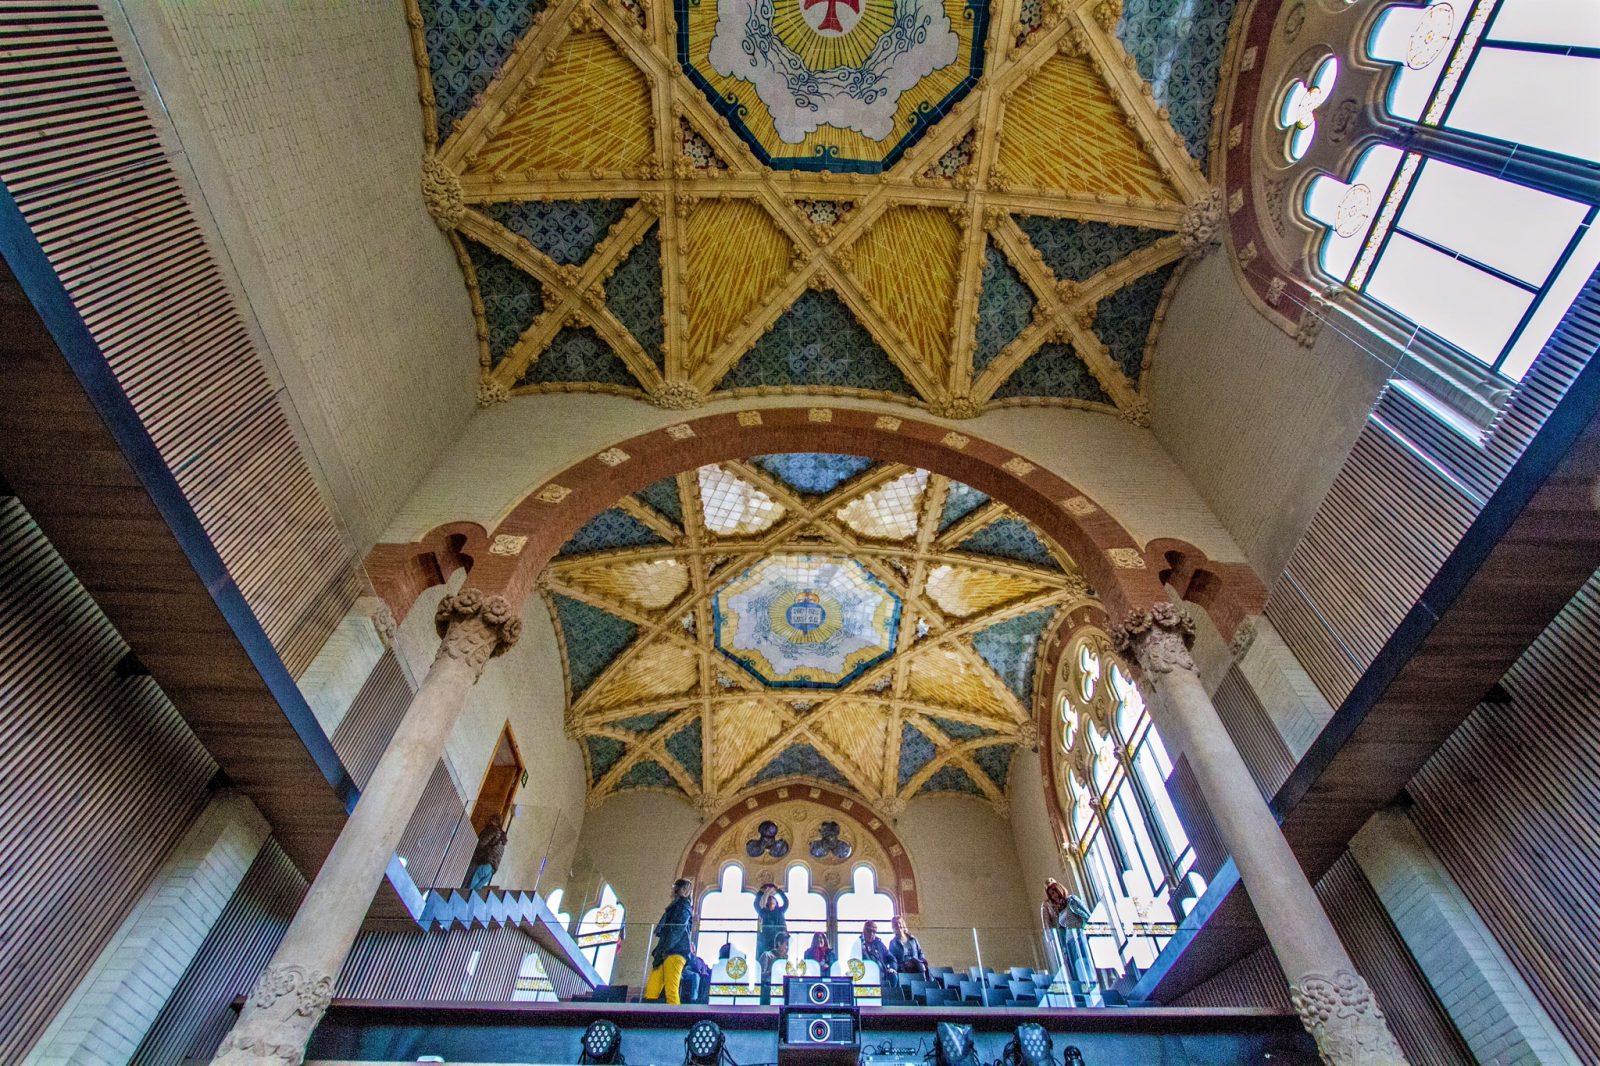 Керамический потолок в помещении архива фото: Pep Torres)